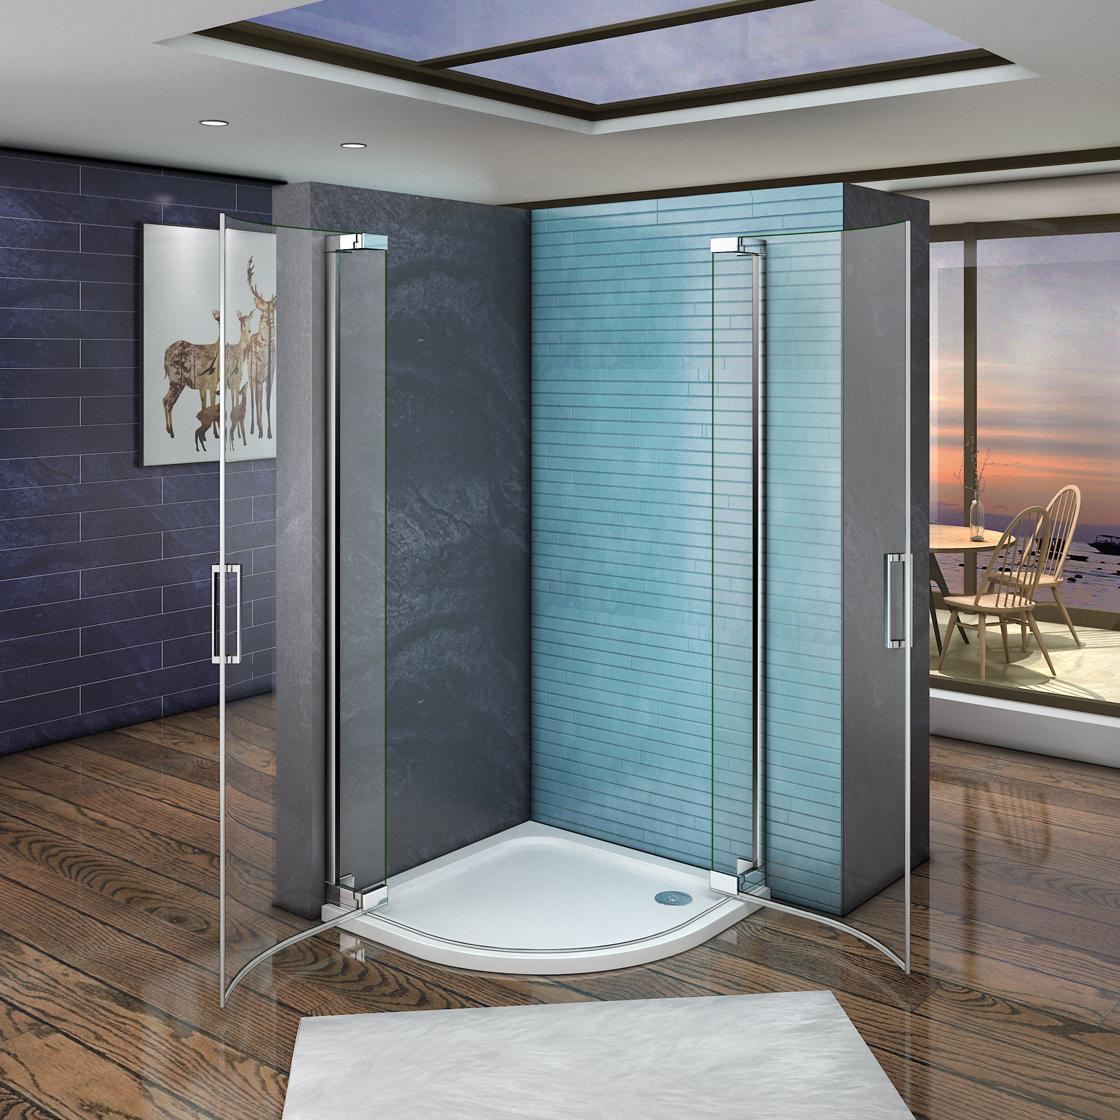 duschabtrennung viertelkreis runddusche duschkabine dreht r dusche ph 90x90x195 ebay. Black Bedroom Furniture Sets. Home Design Ideas